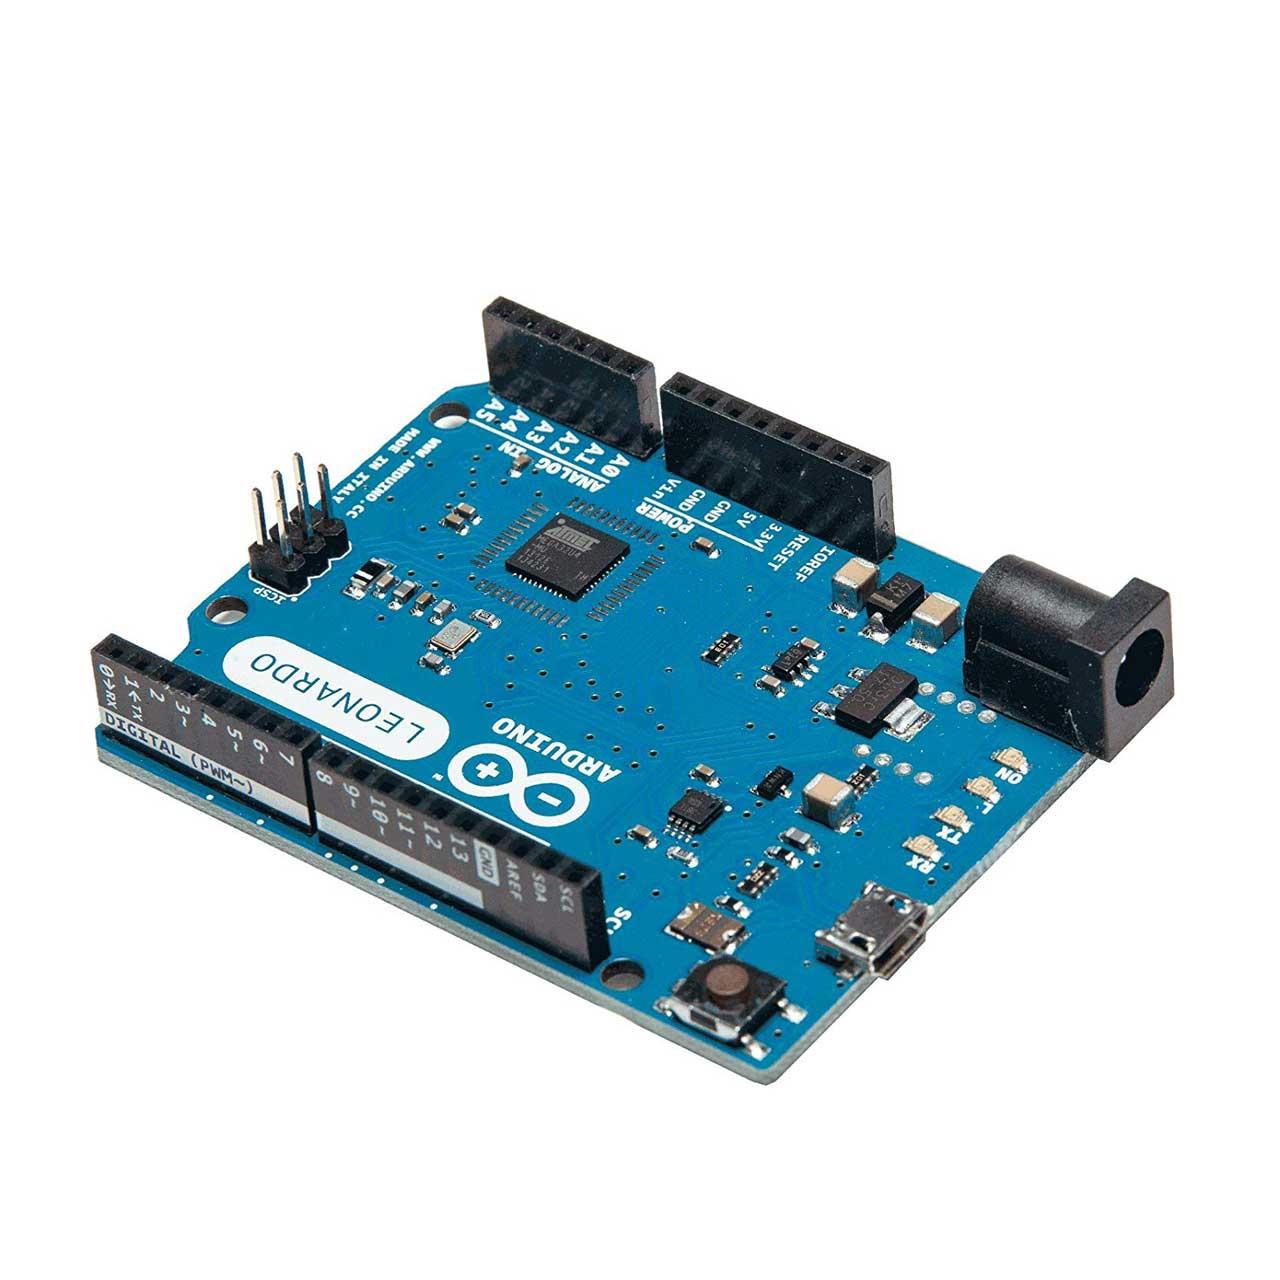 برد Arduino مدل Leonardo